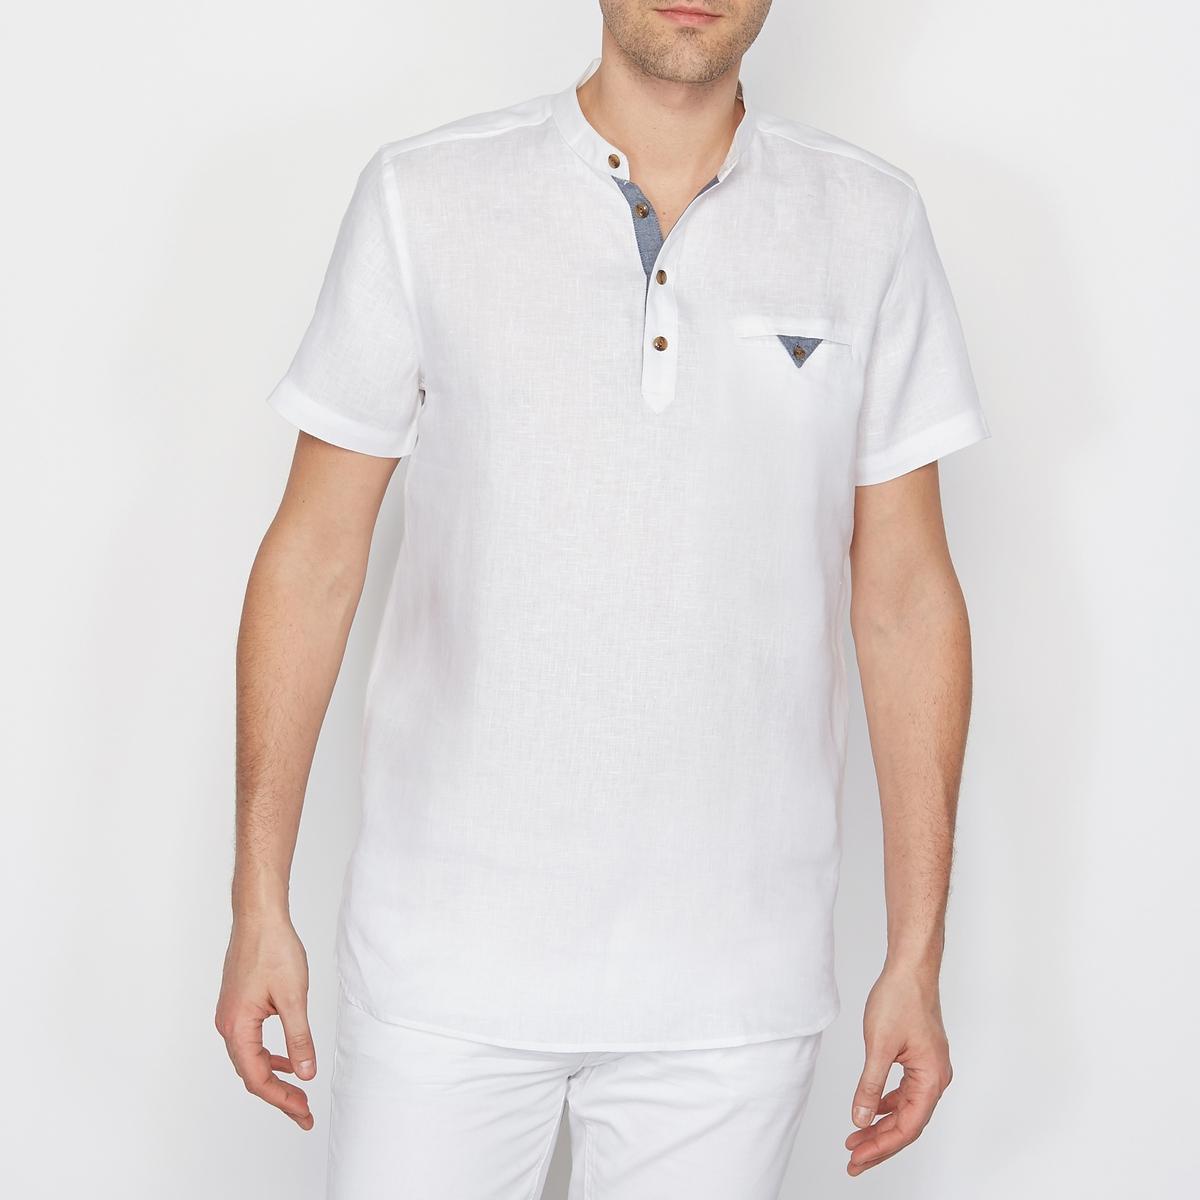 Рубашка из 100% льна, свободный покрой, короткие рукаваСостав и описаниеМарка: SOFT GREY.Материал: 100% льна. УходМашинная стирка при 30°C.<br><br>Цвет: белый,синий<br>Размер: 35/36